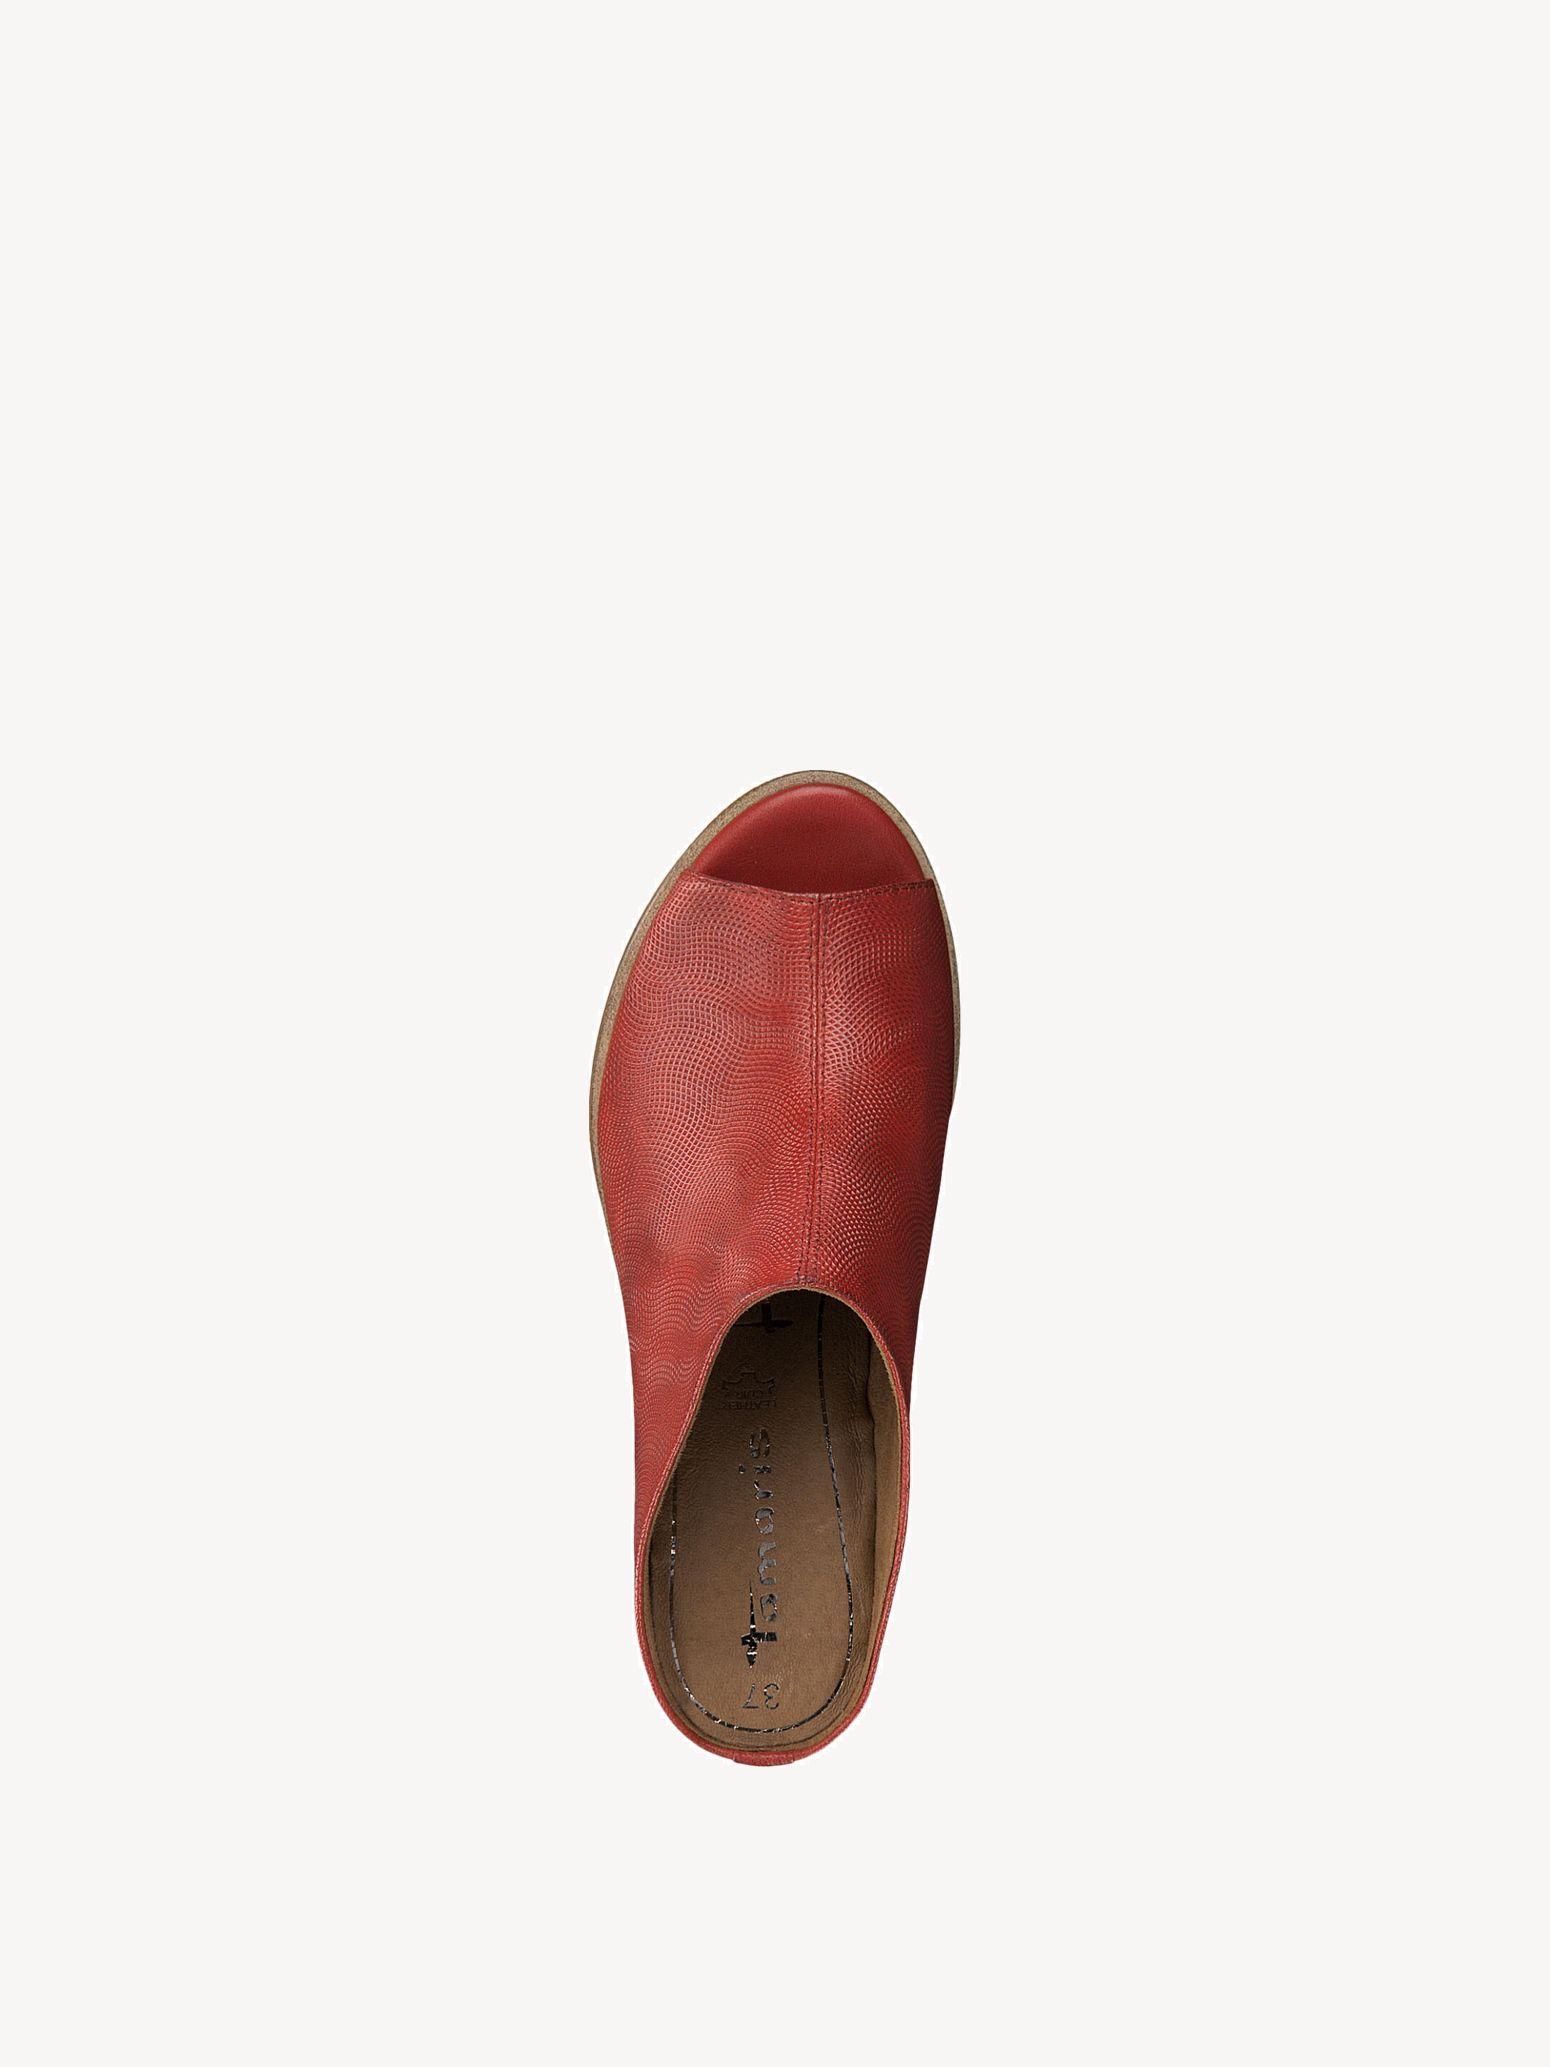 1 27200 Kaufen Lederpantolette Pantoletten 1 22Tamaris Online EH29DIW